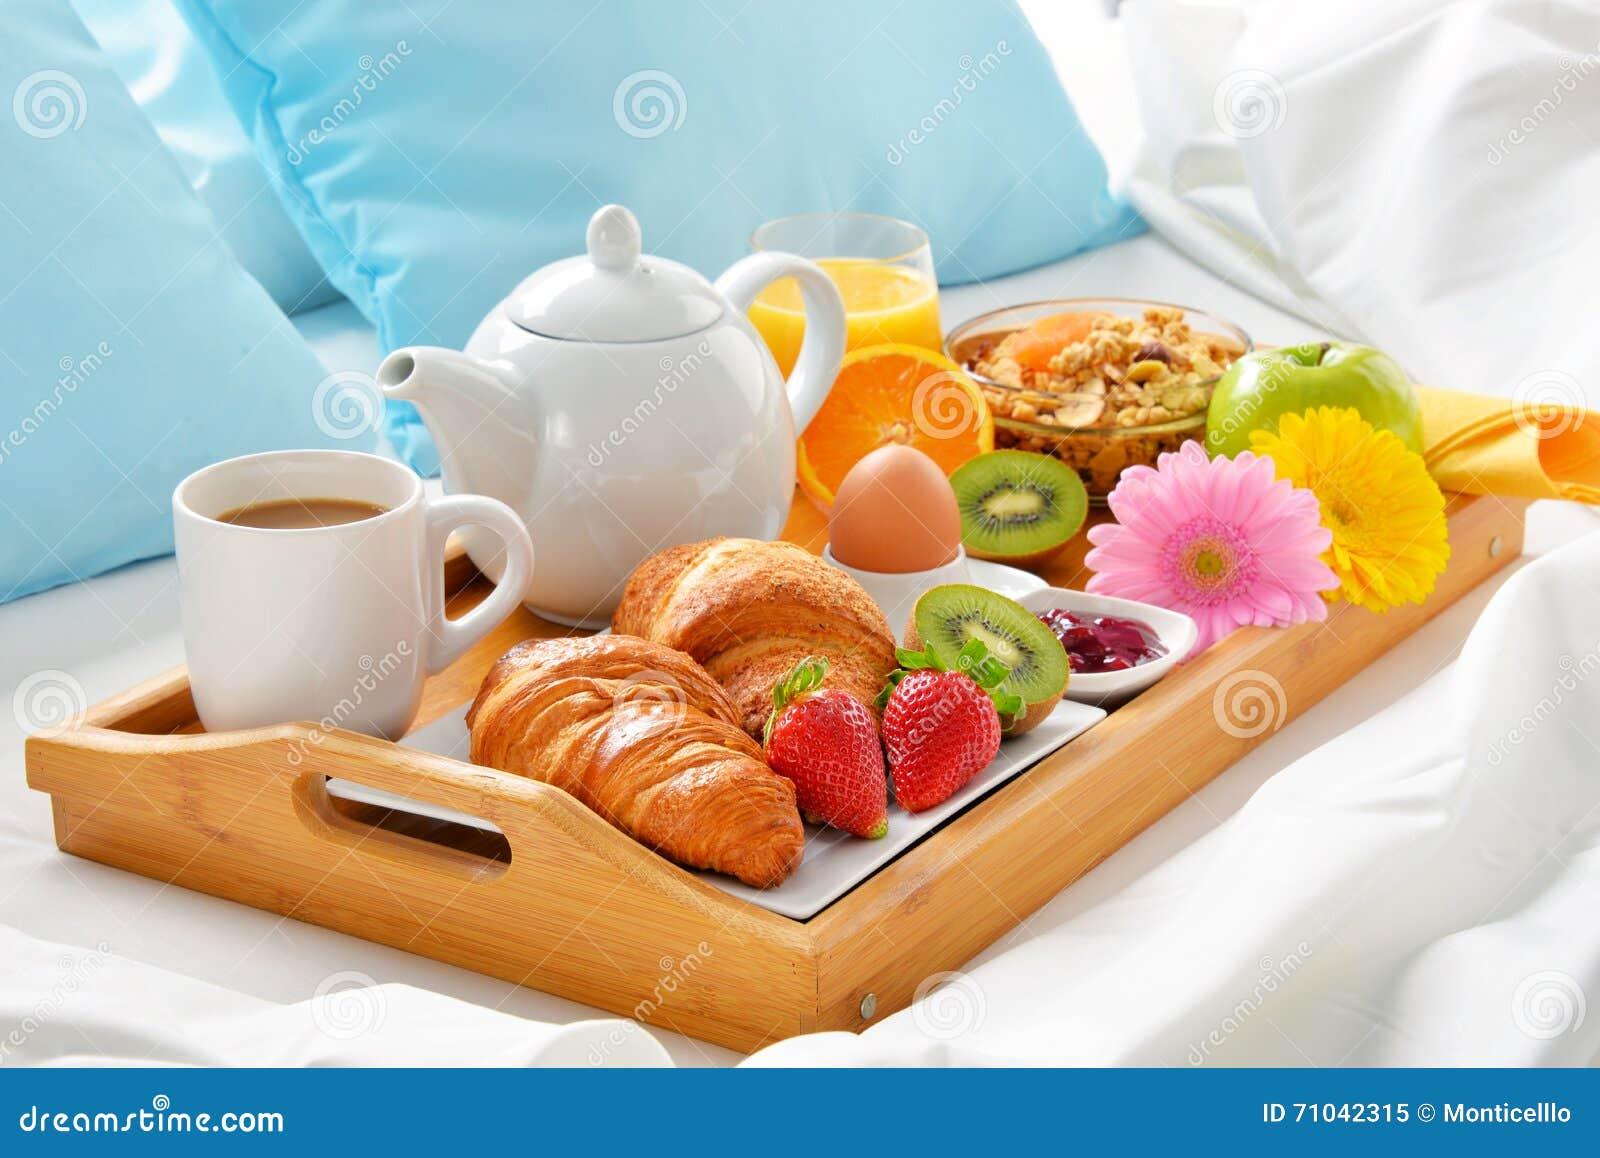 Foto di una colazione a letto design del - Tazze colazione ikea ...